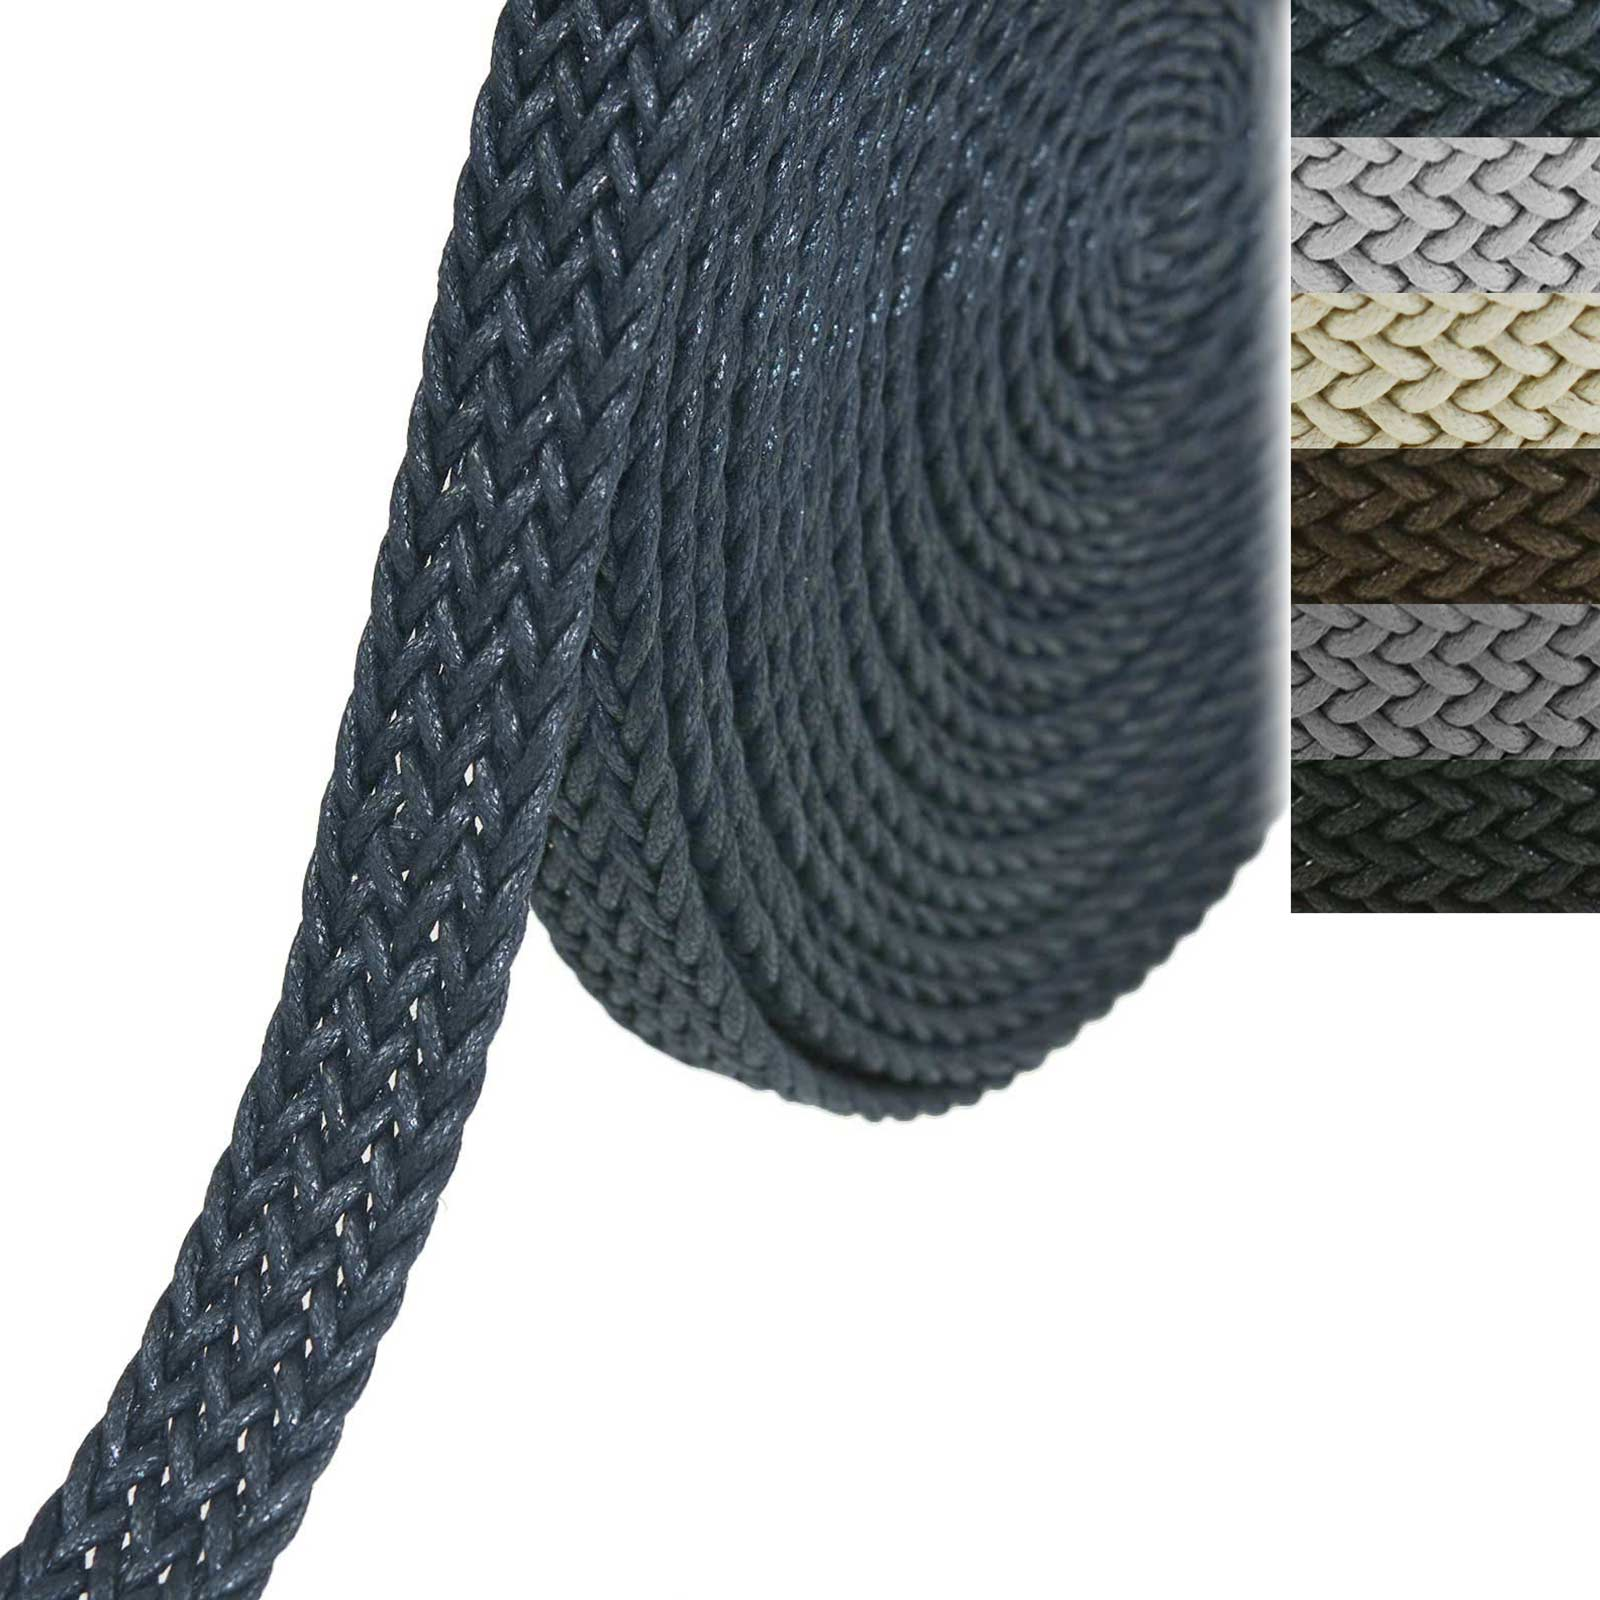 5m Gurtband geflochten Baumwolle Gurt-Bänder Kurzwaren Taschengurt Variantenwahl